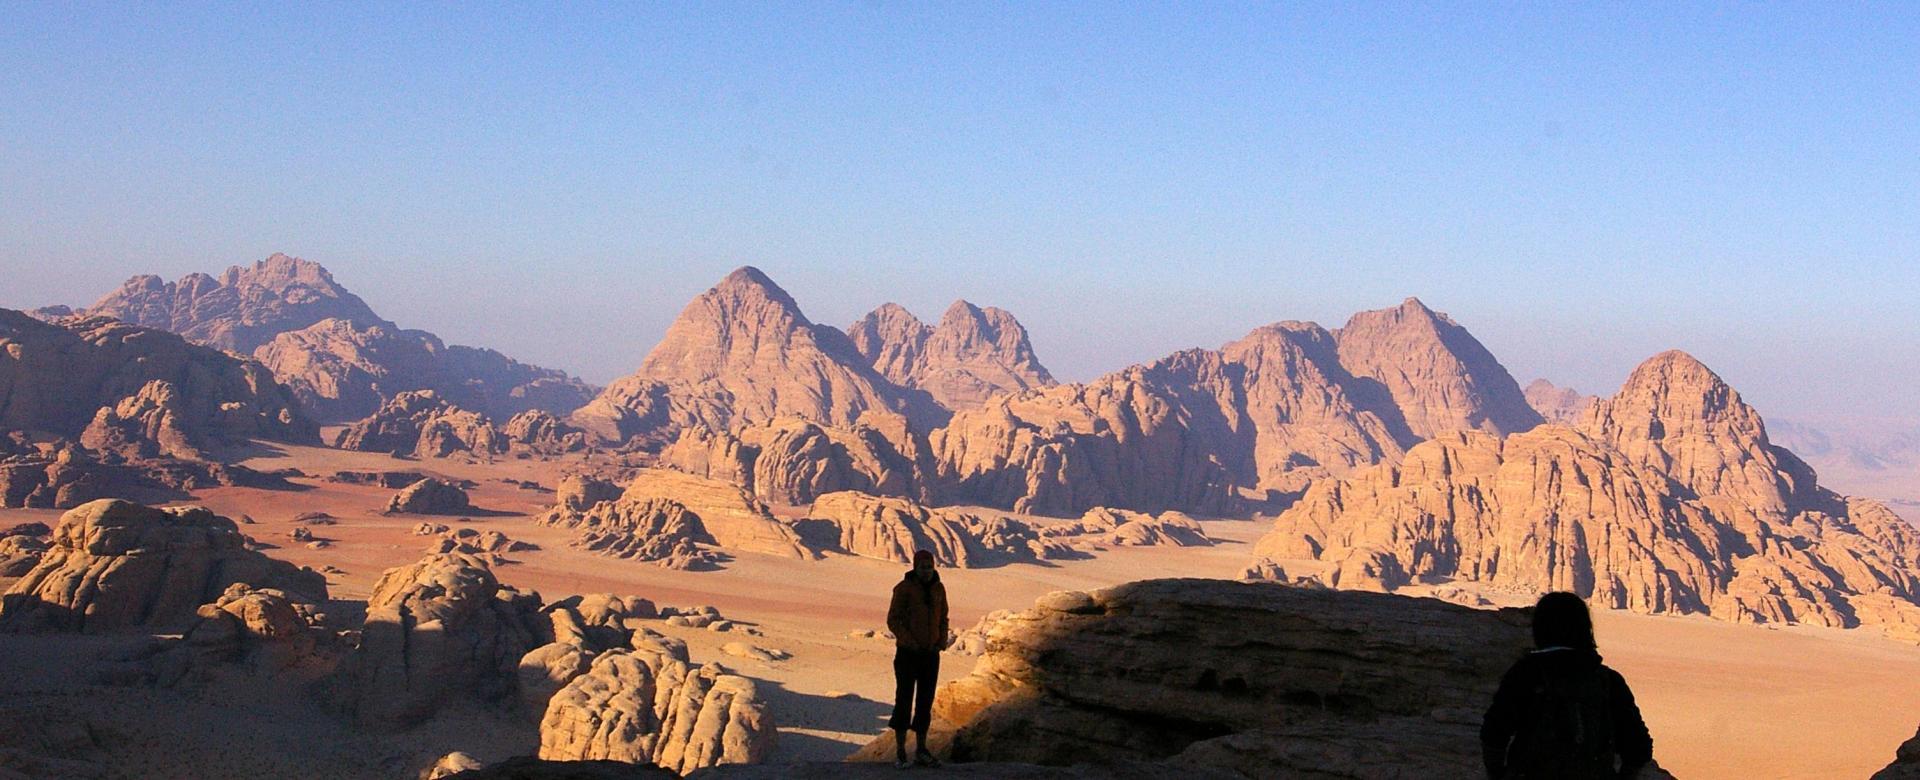 Voyage à pied : Les pierres d'arabie